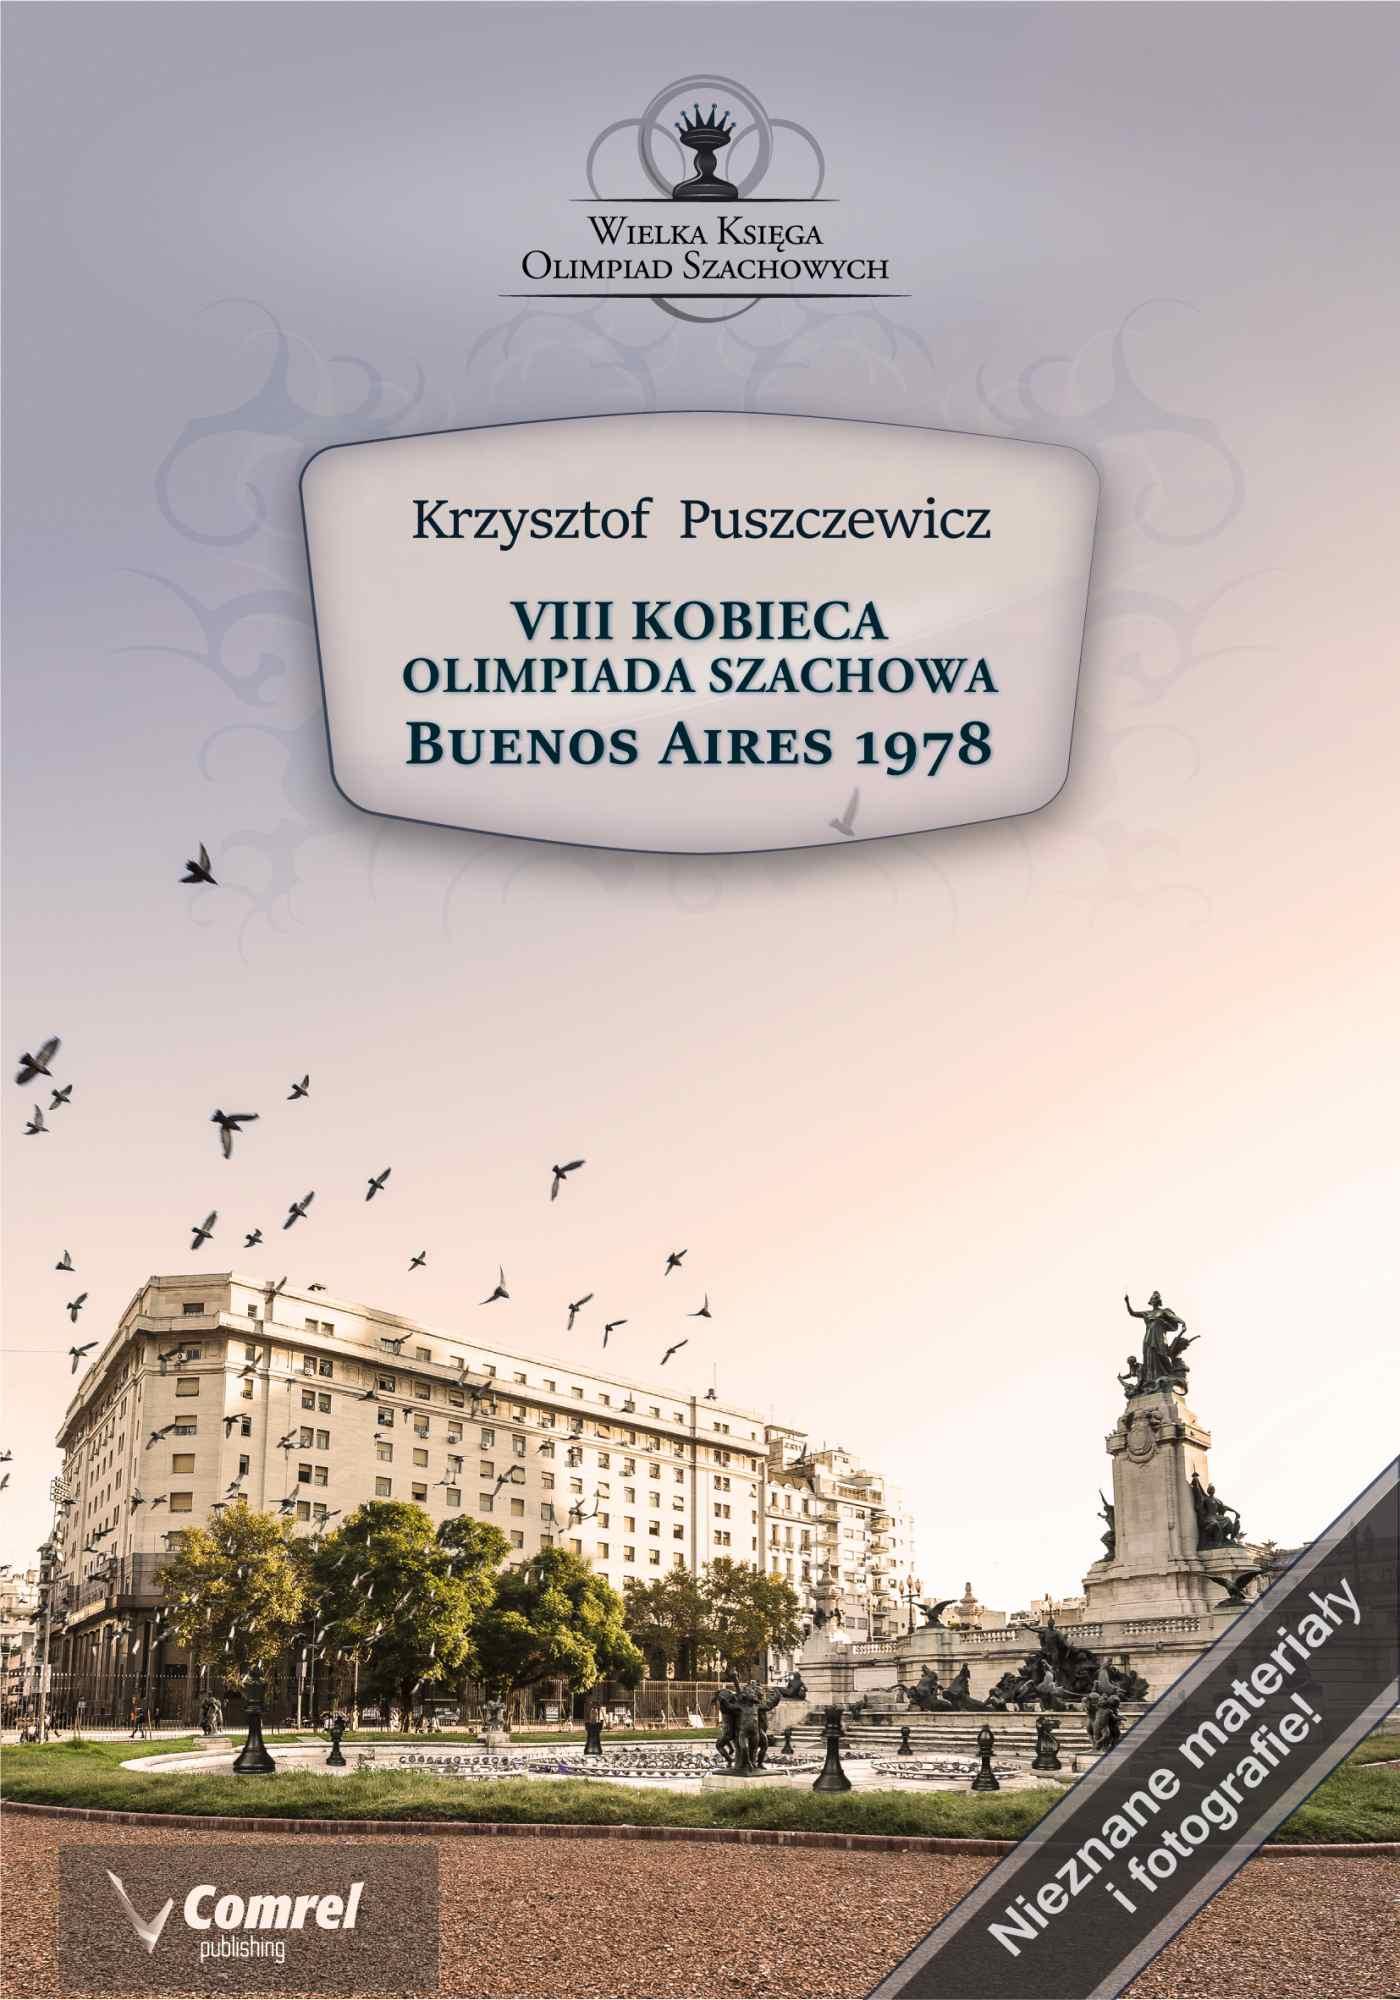 VIII Kobieca Olimpiada Szachowa - Buenos Aires 1978 - Ebook (Książka PDF) do pobrania w formacie PDF